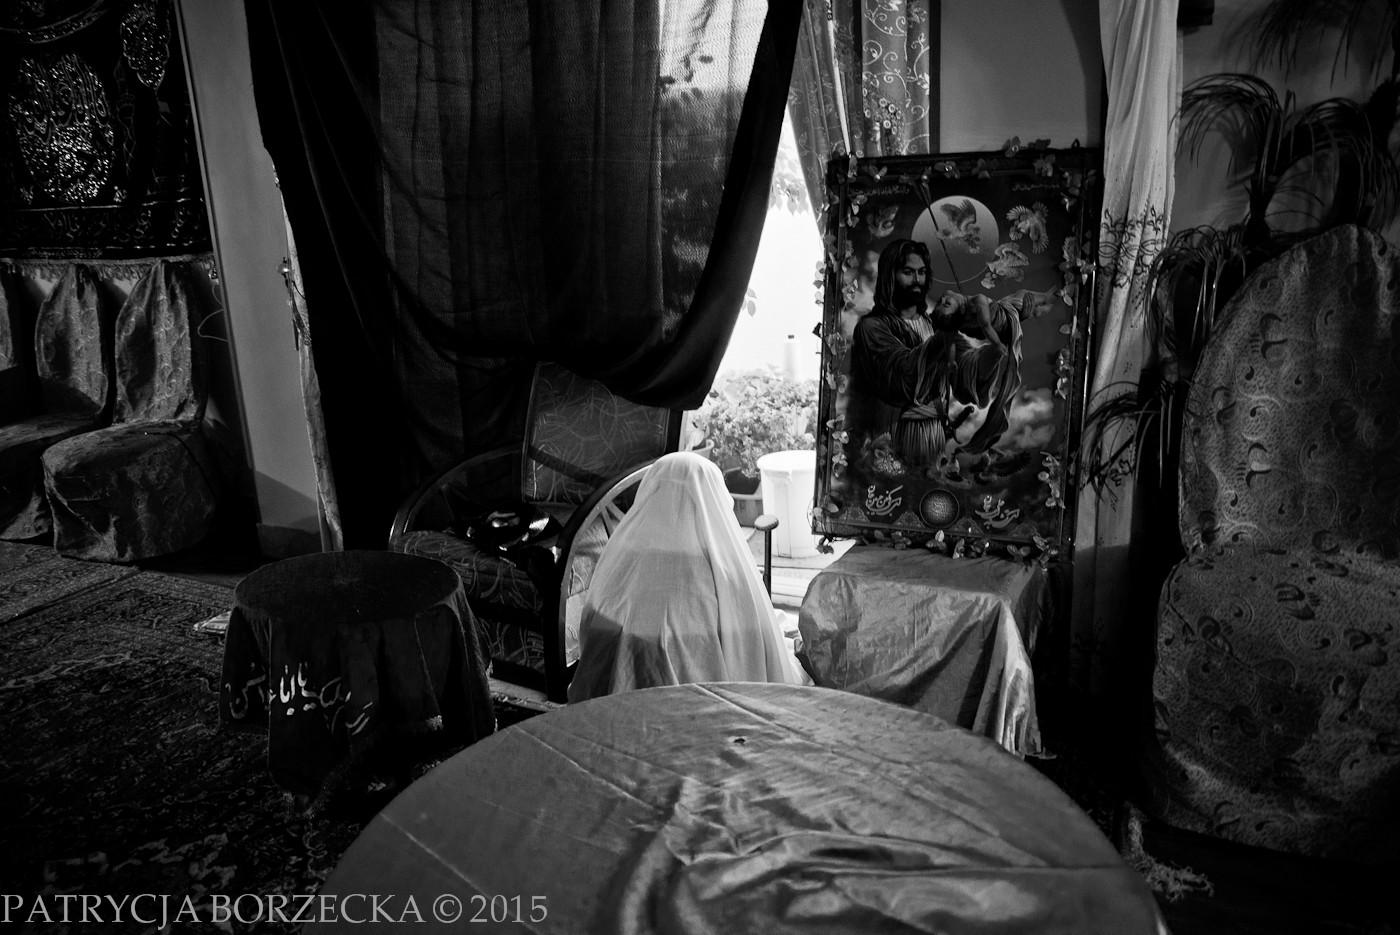 PatrycjaBorzecka-photo-Muharram06